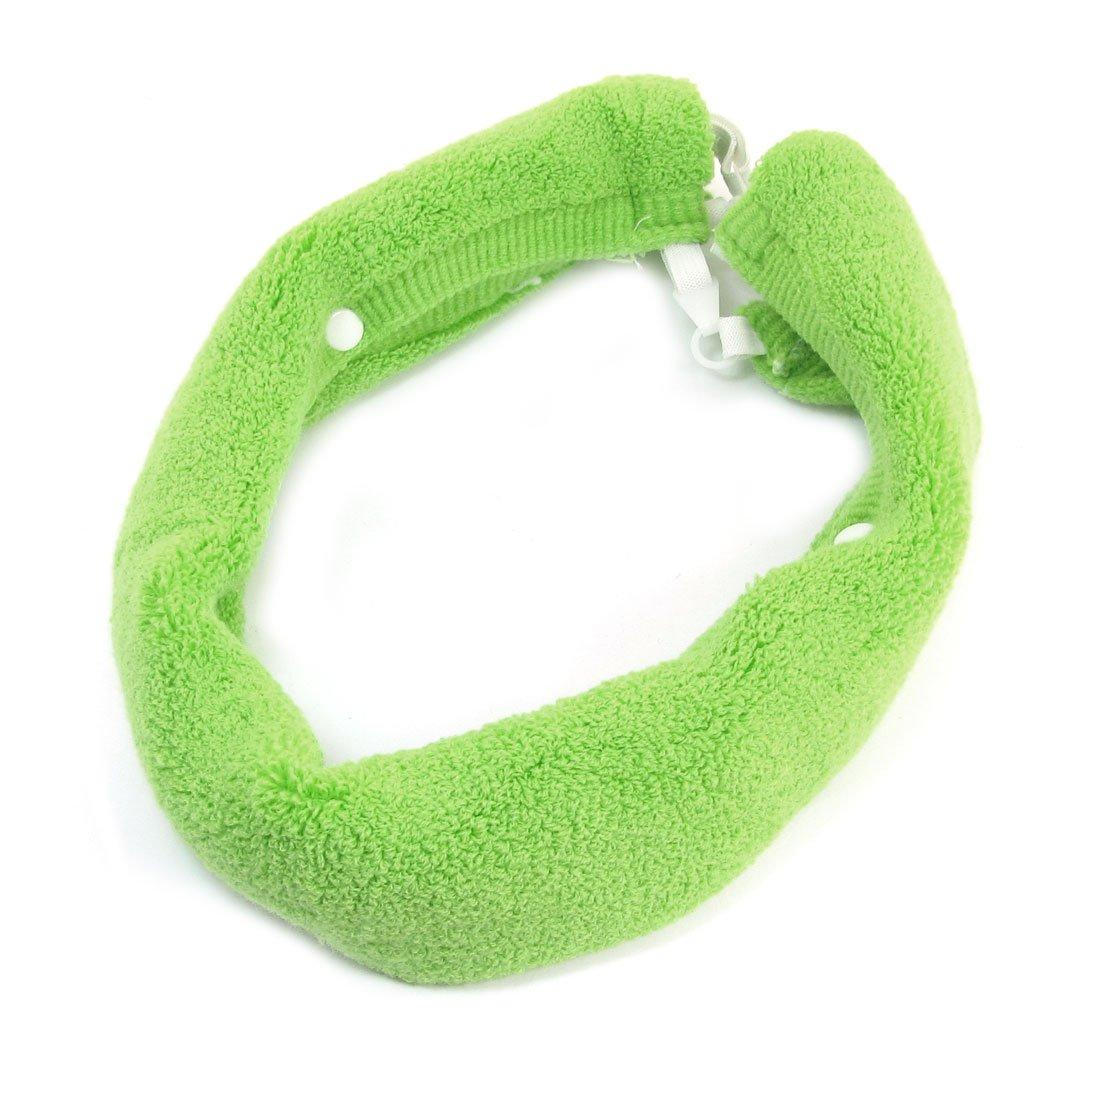 МЭОФ Санузел многоразовые теплые мягкие Чехлы для сиденья унитаза Коврики Pad Подушки зеленый